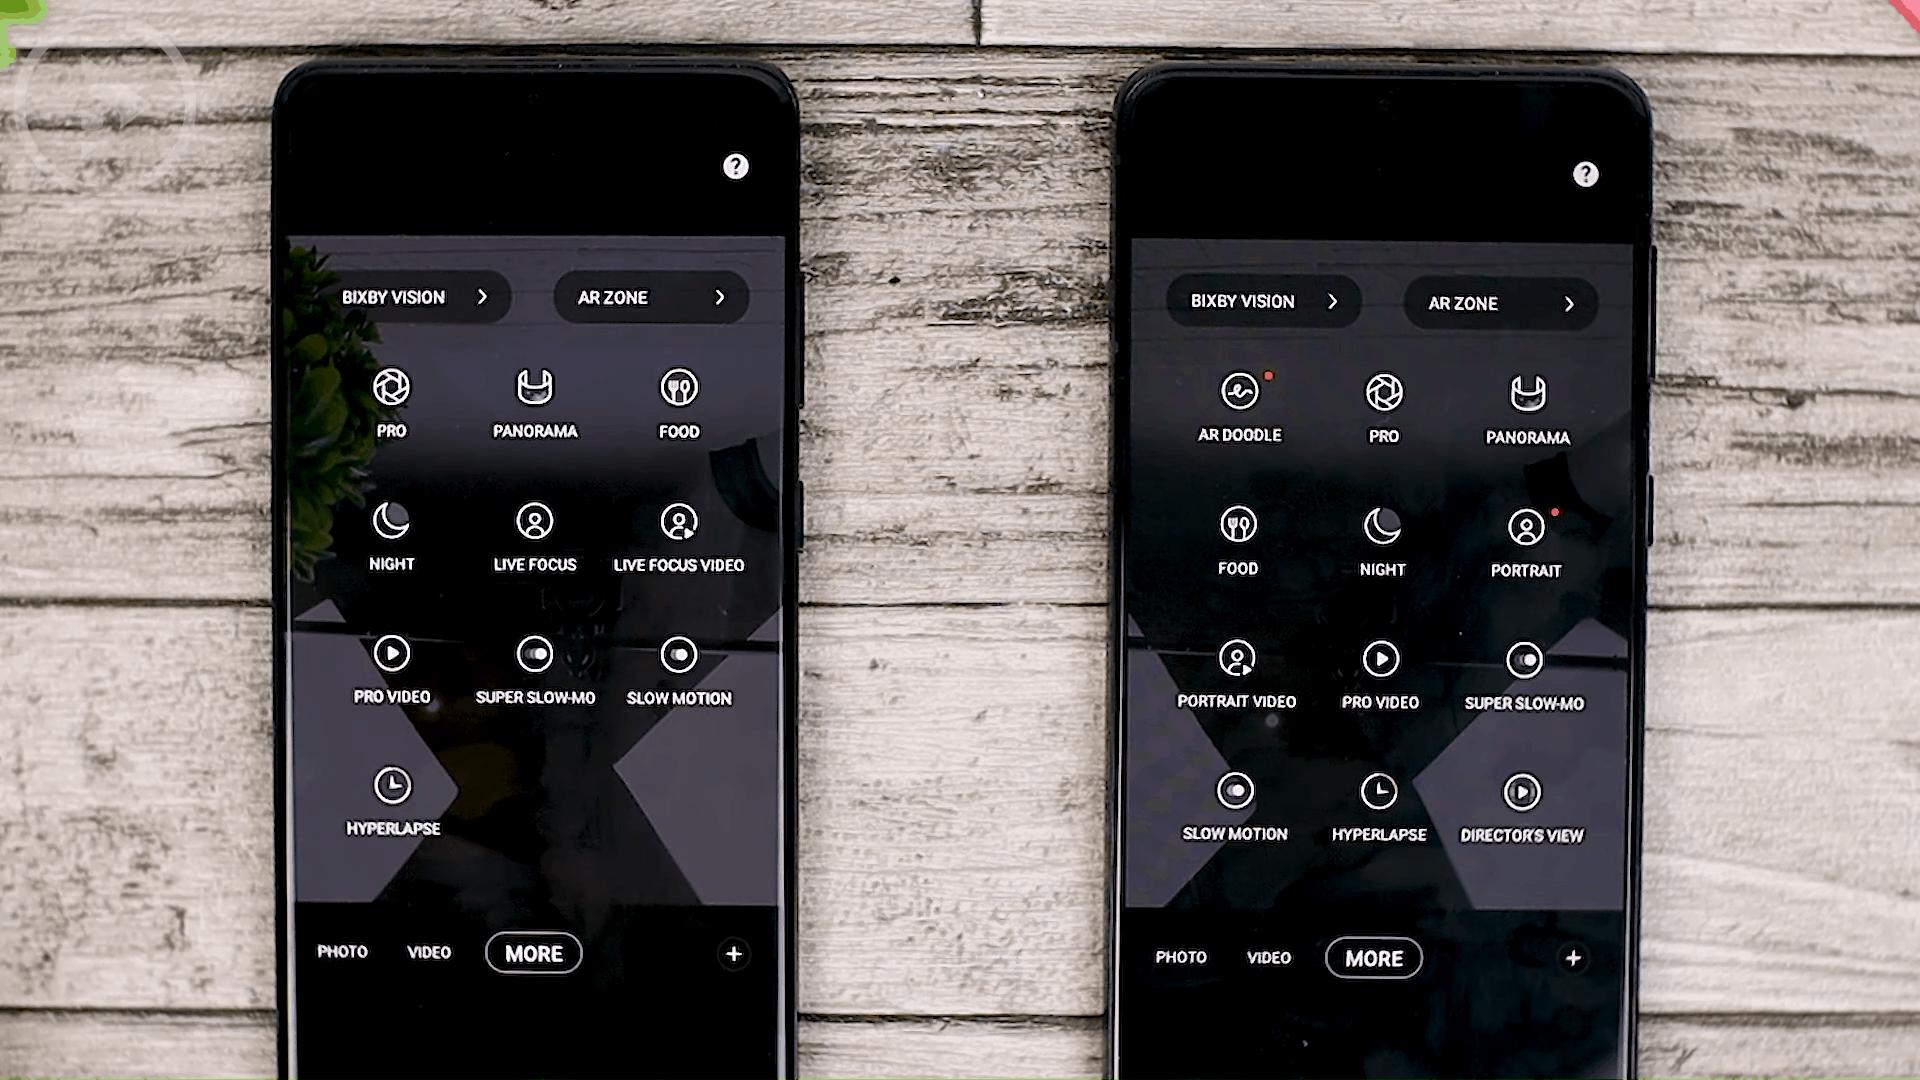 Camera Settings - Cek Fitur Terbaru One UI 3.1 di Samsung S21+ yang Belum Tersedia di One UI 3.0 Samsung S20+ (PART 2)